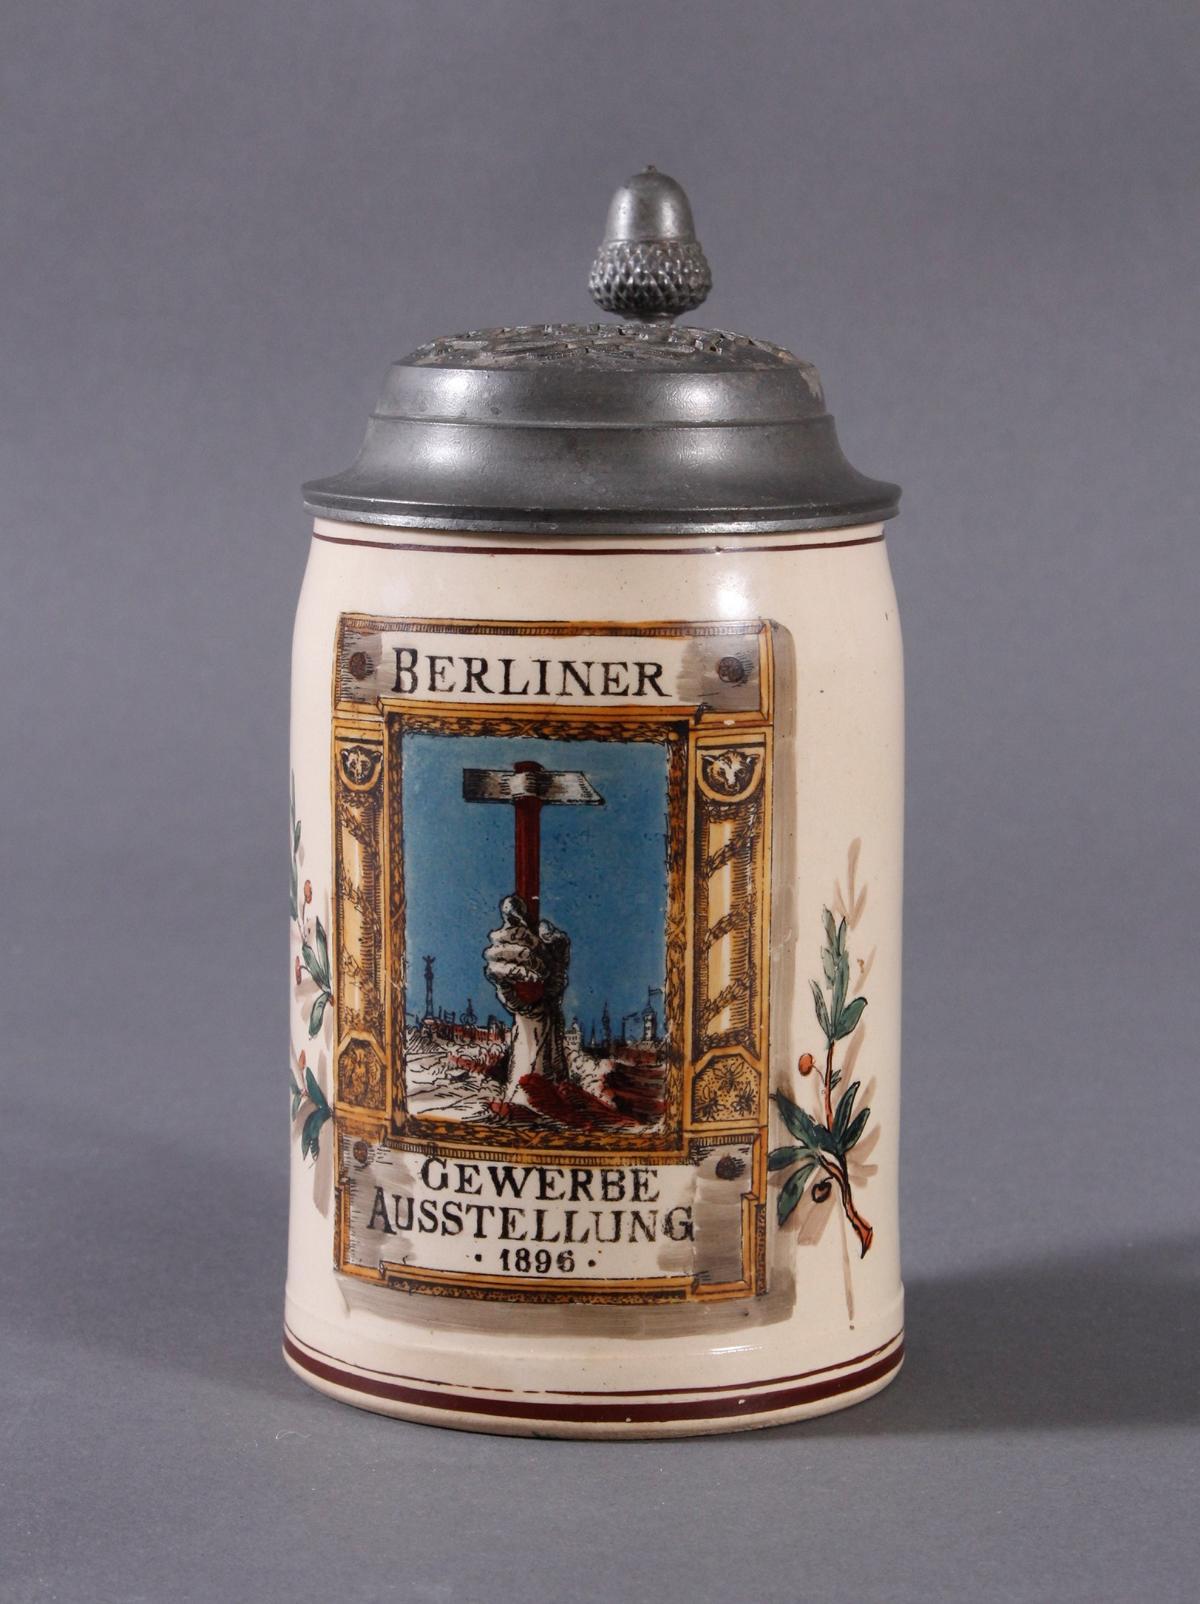 2 Keramikkrüge um 1900, Kegeln und Gewerbeausstellung-9